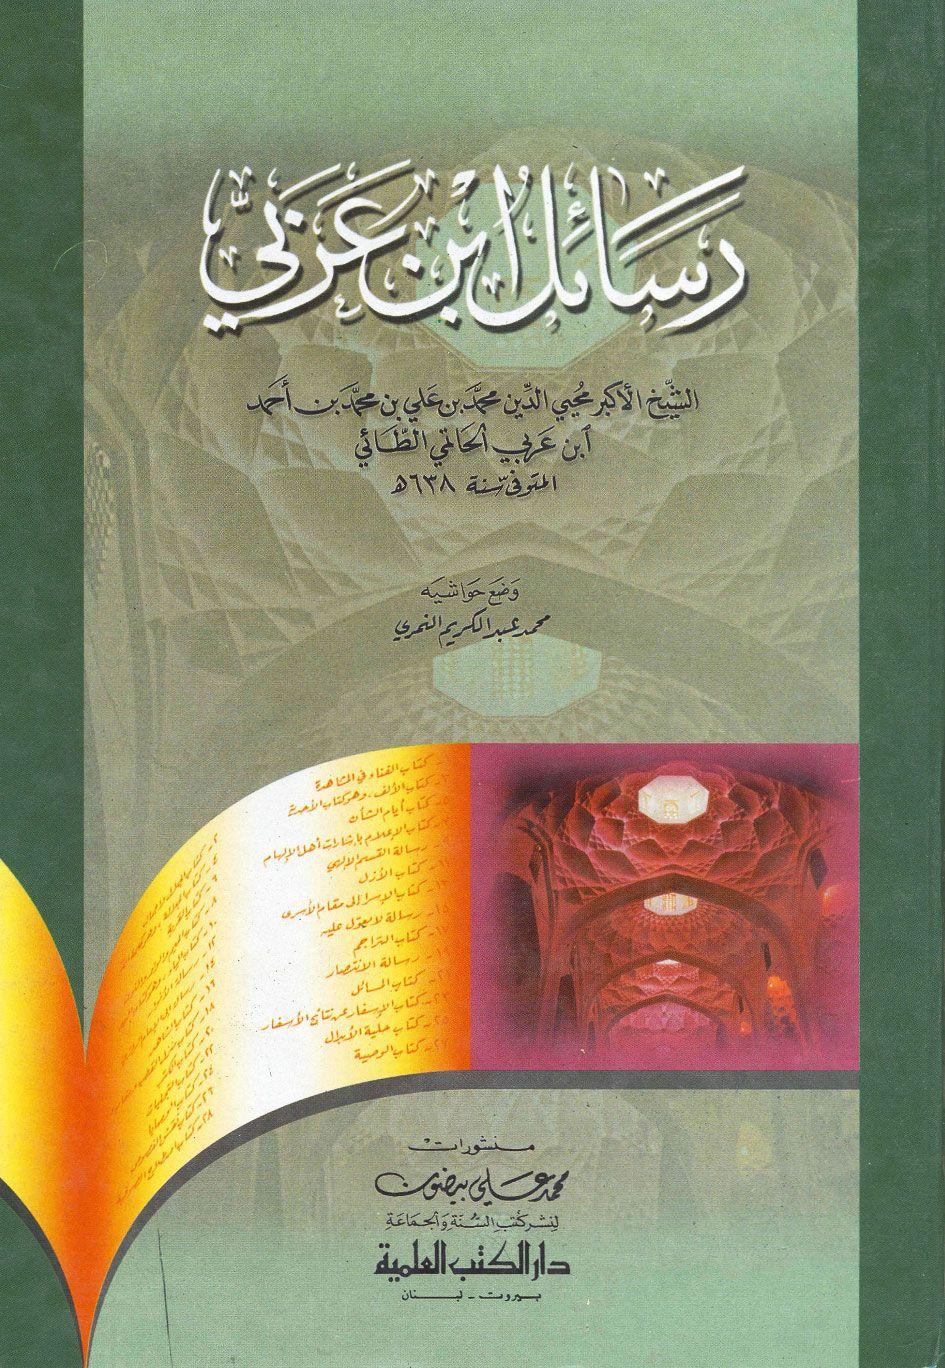 تحميل وقراءة كتاب رسائل ابن عربي Pdf مجانا تأليف محيي الدين بن عربي Book Letters Books Pdf Books